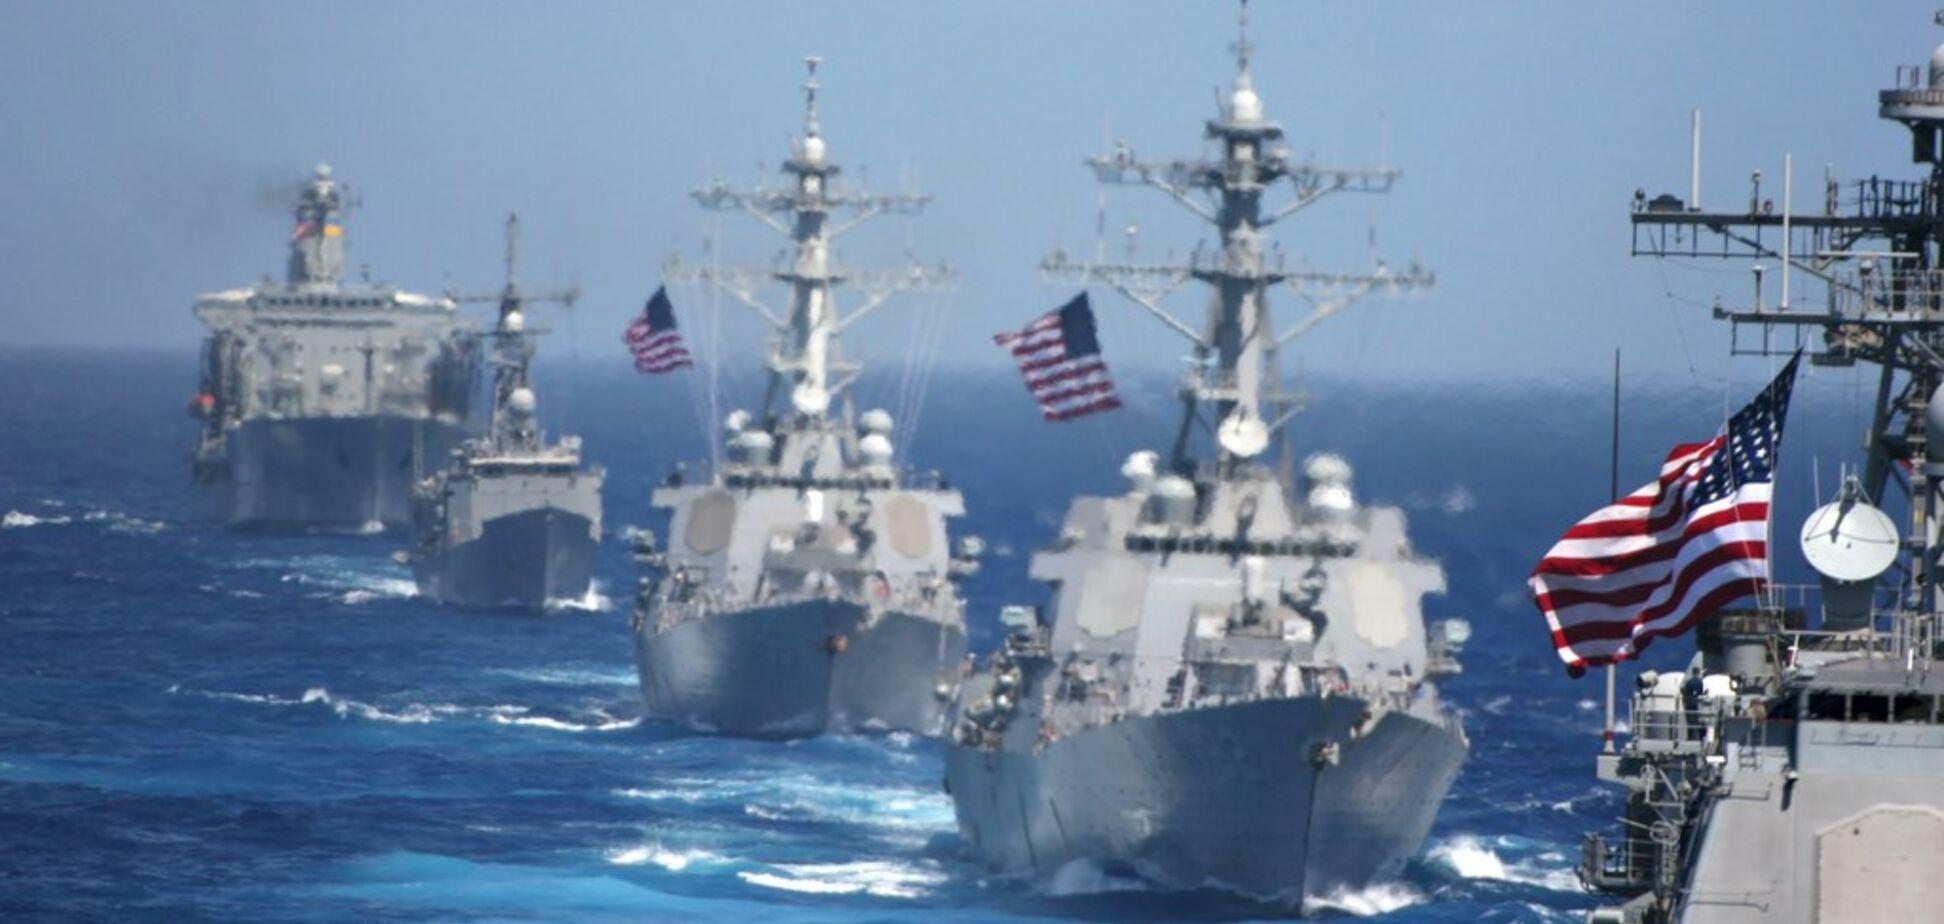 Світовий океан стає полем нового протистояння наддержав